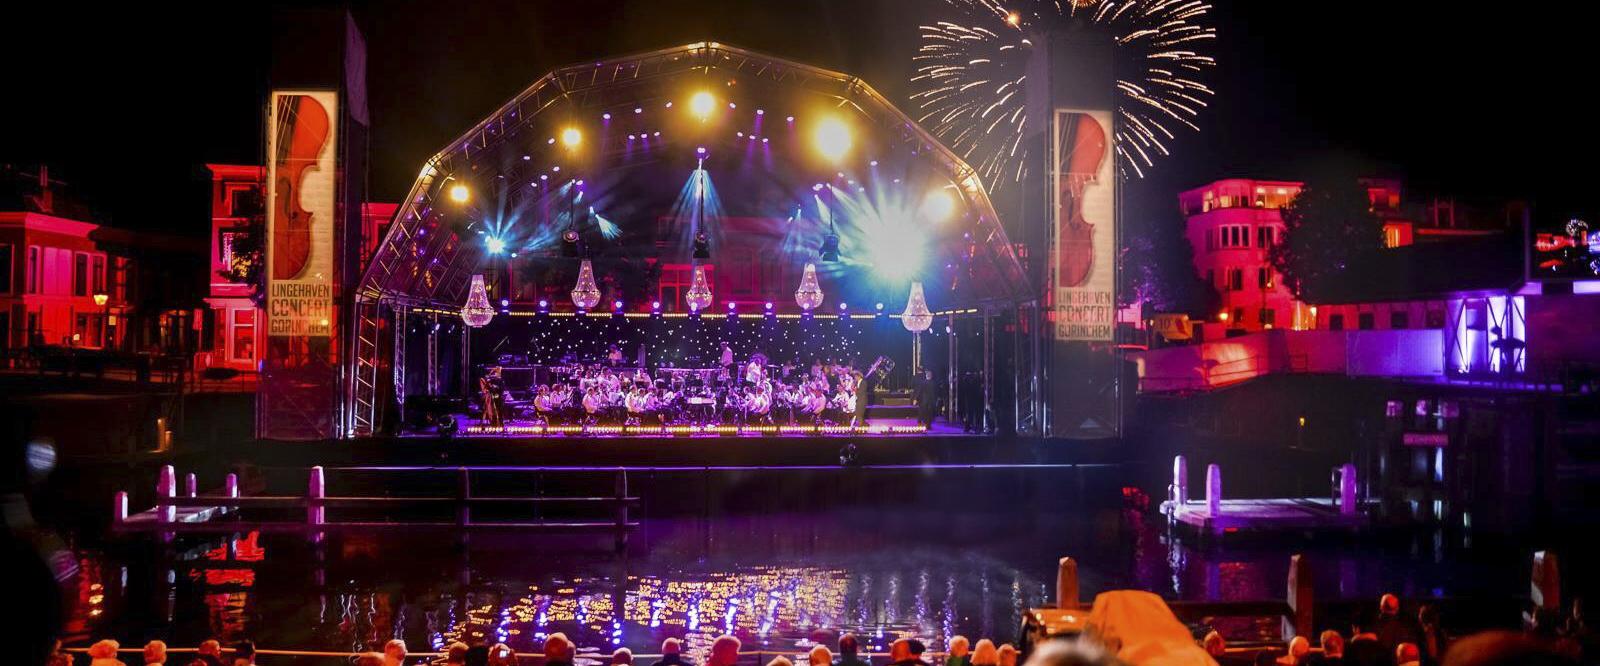 Iluminacion concierto classique